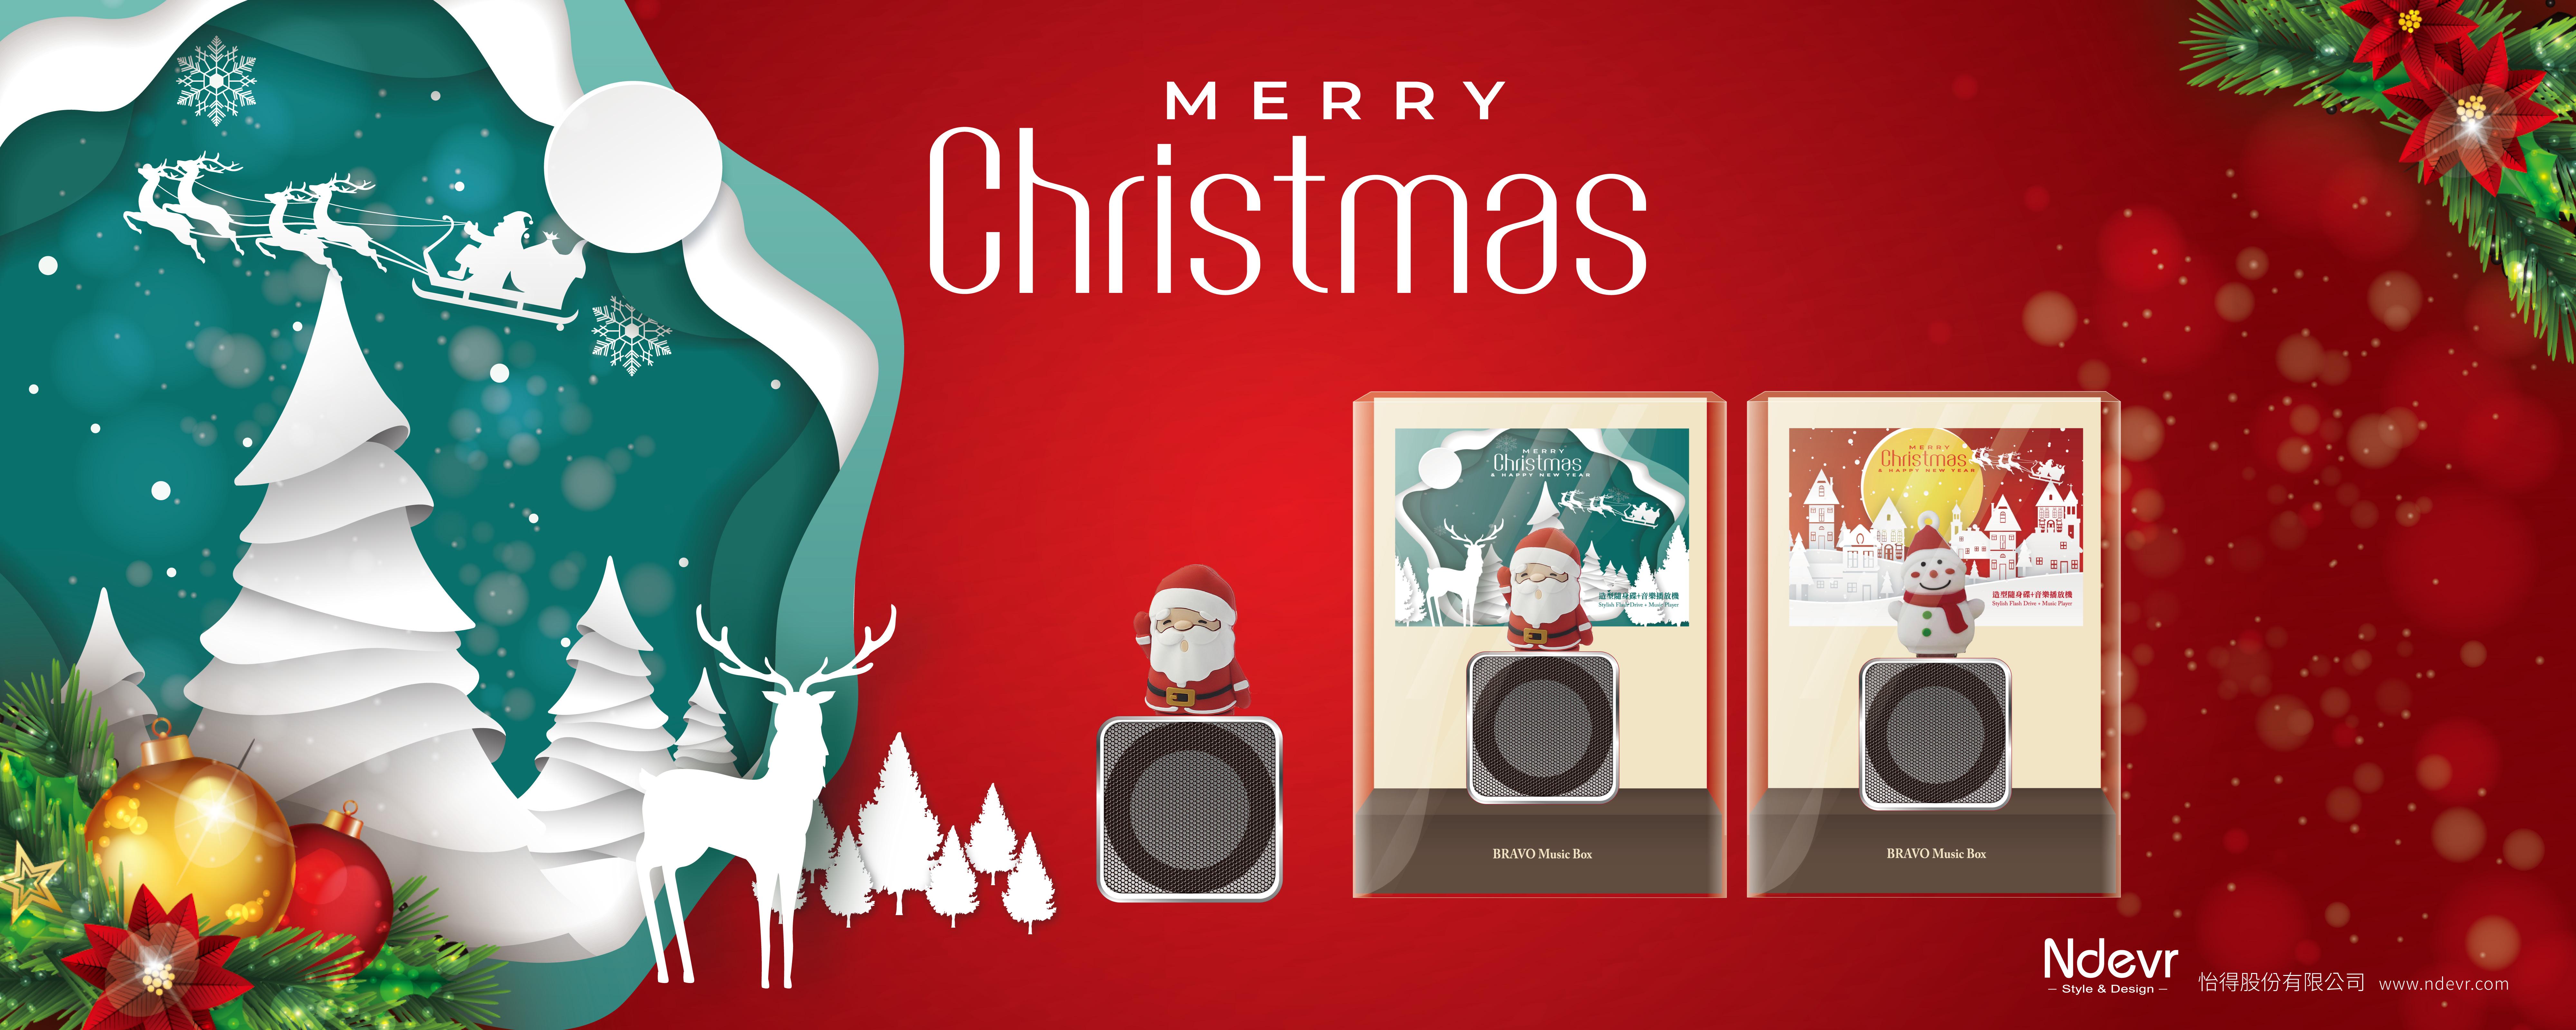 聖誕節_音樂寶盒